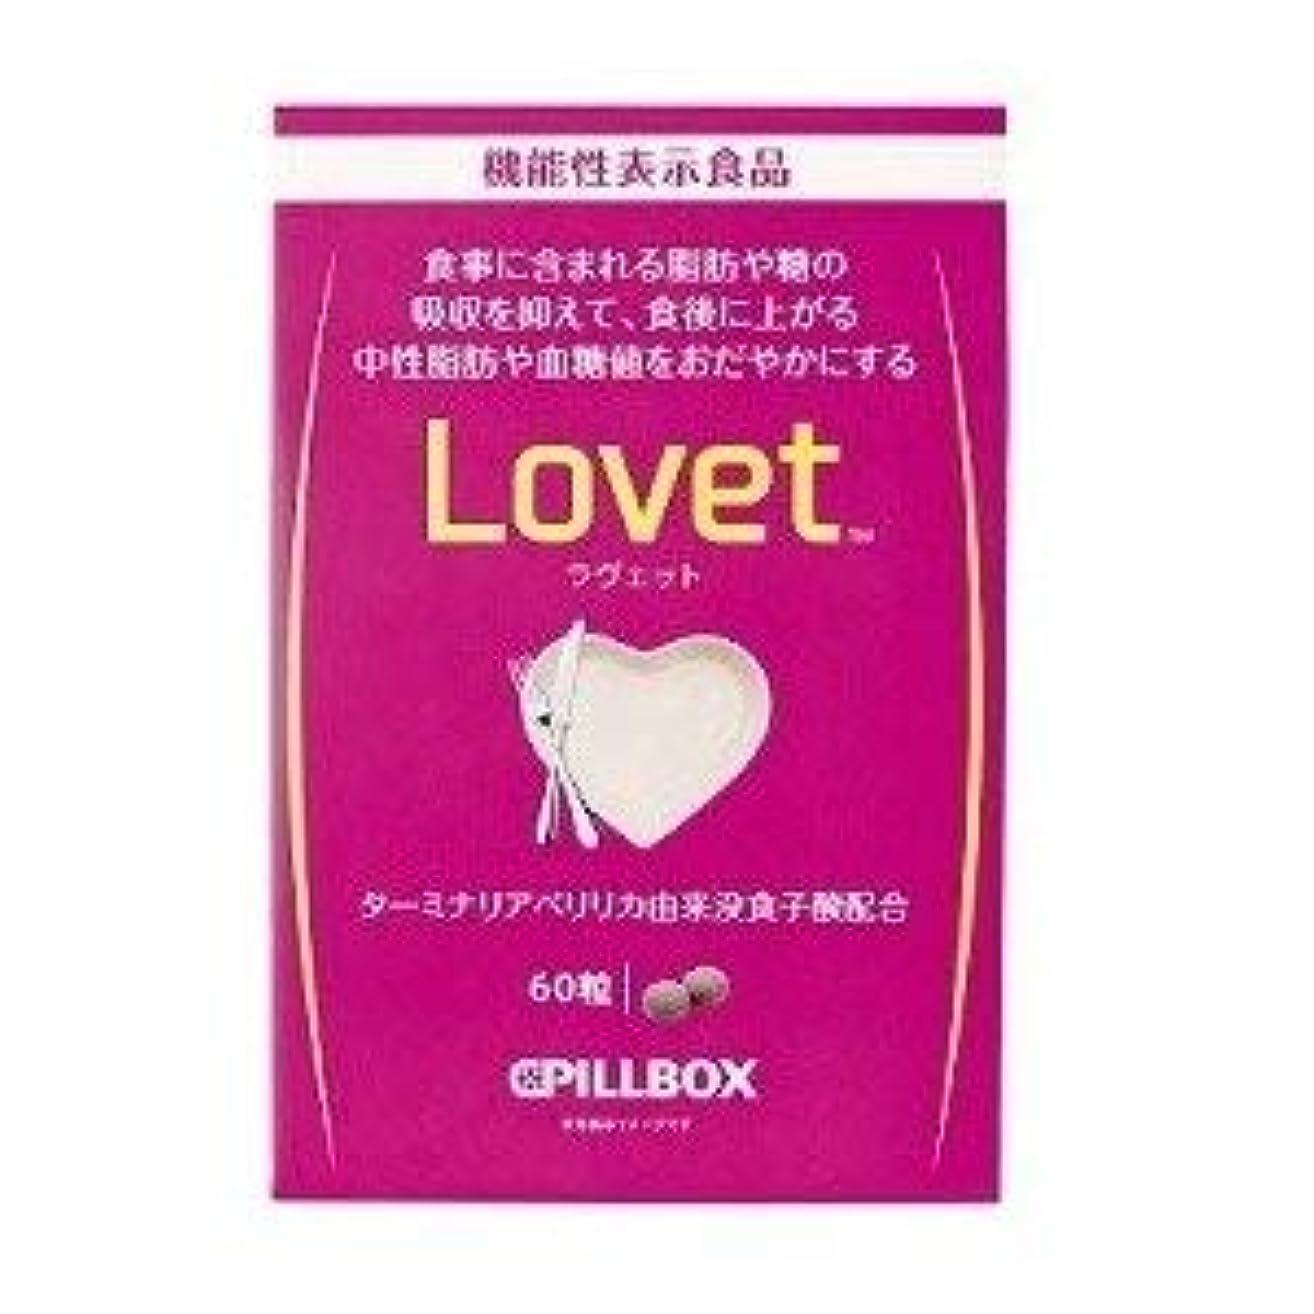 完了無意味不実ピルボックス Lovet(ラヴェット)60粒 10個セット